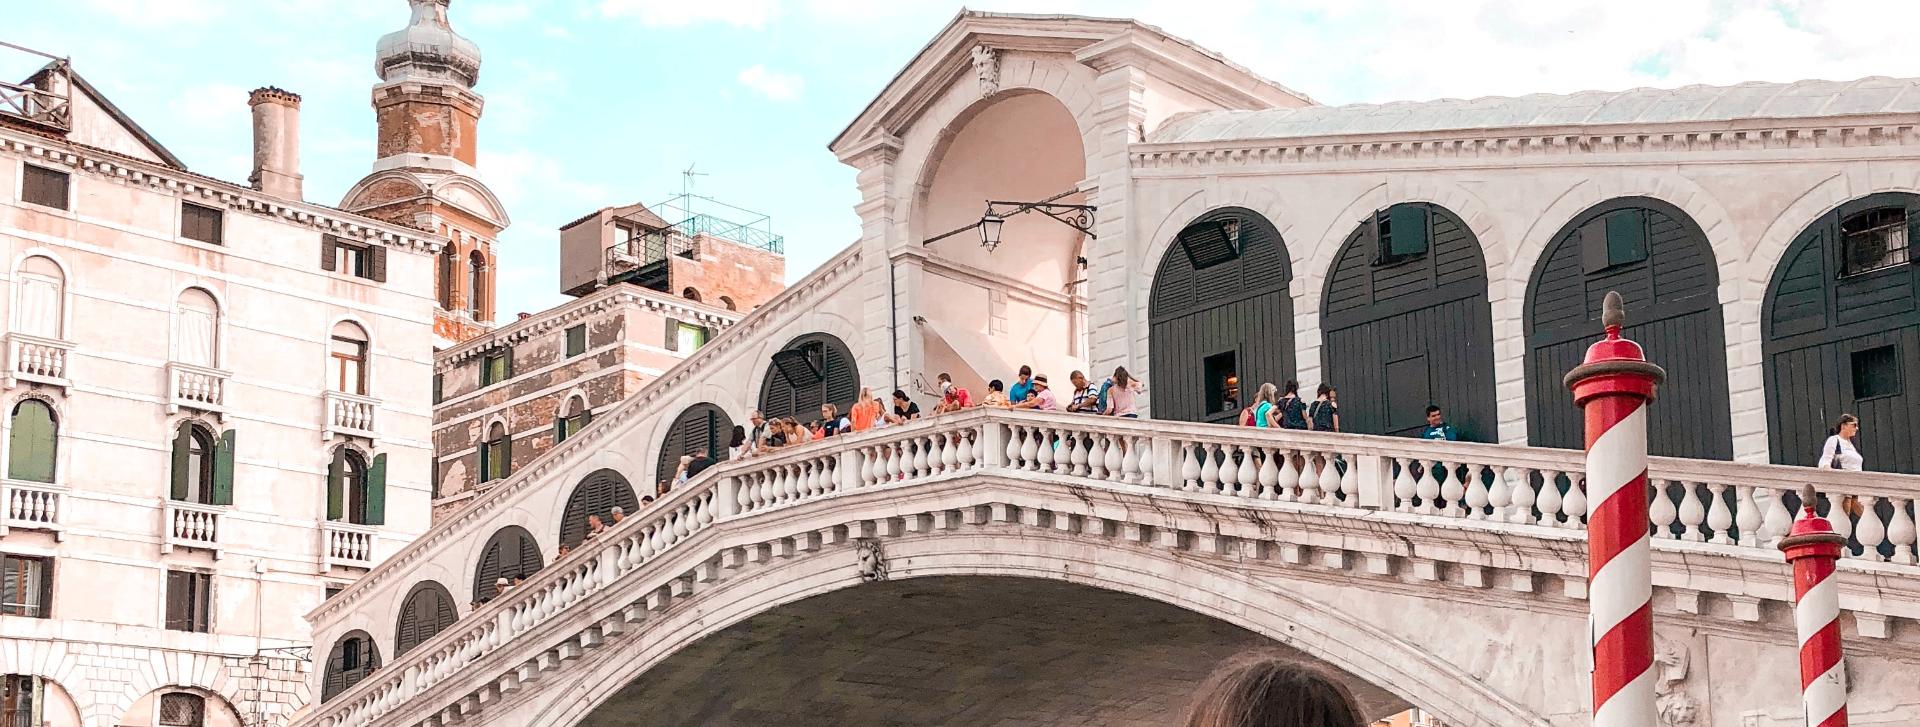 Une journée parfaite à Venise